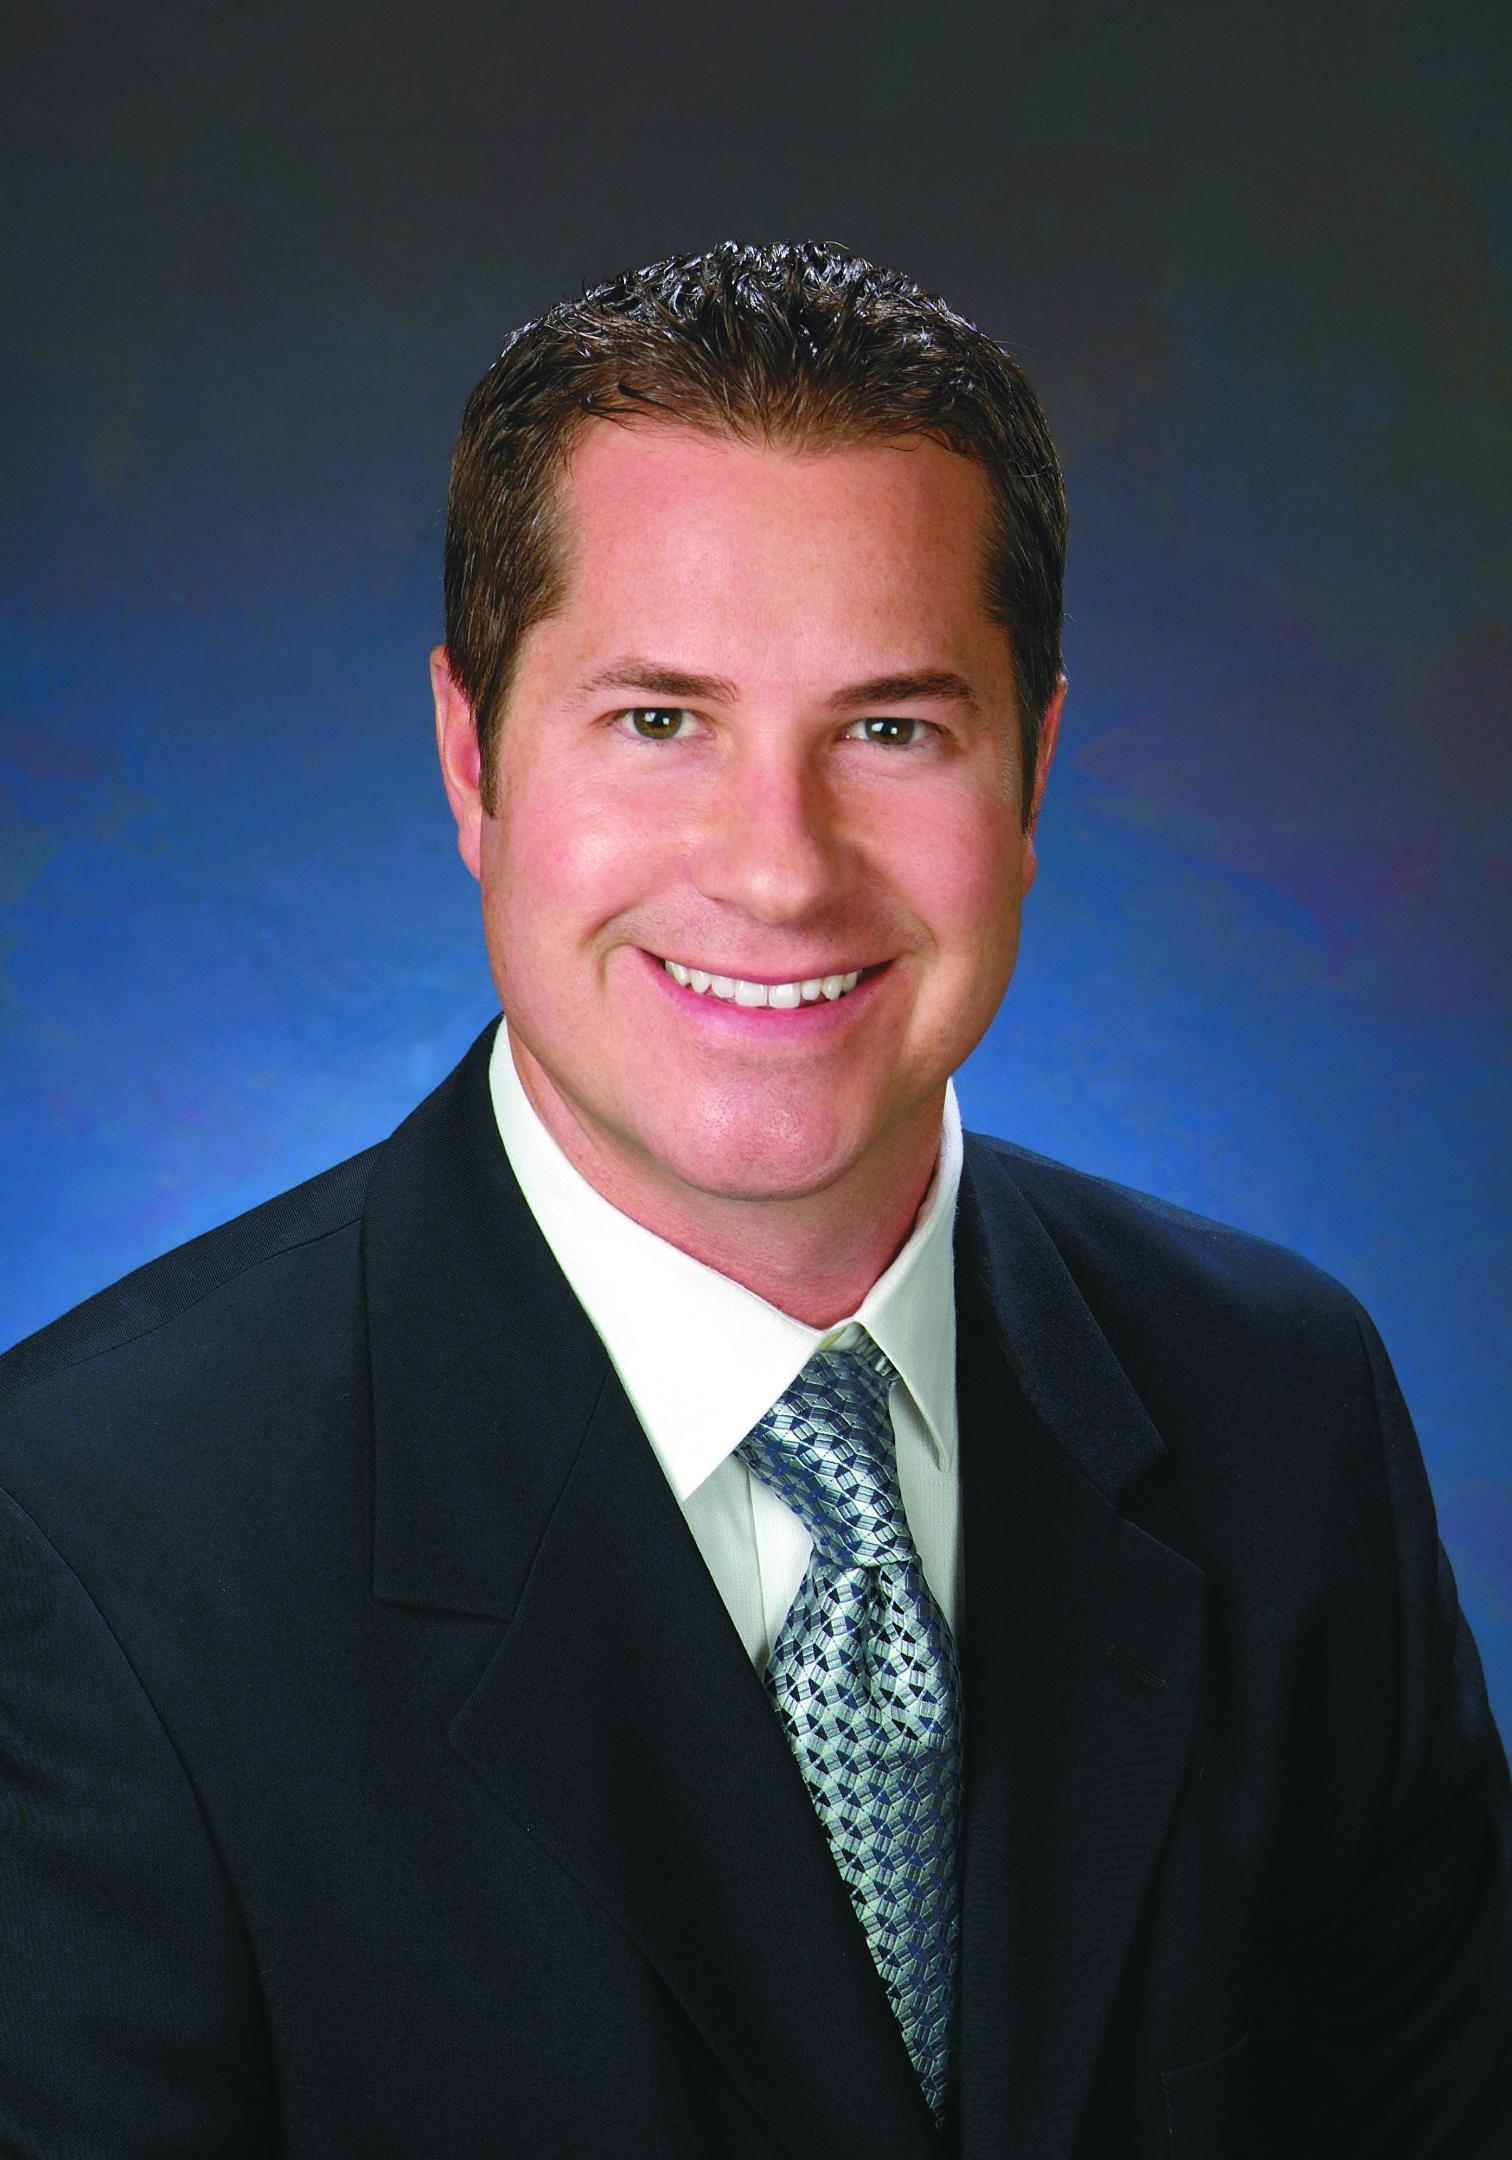 Steve Brendle